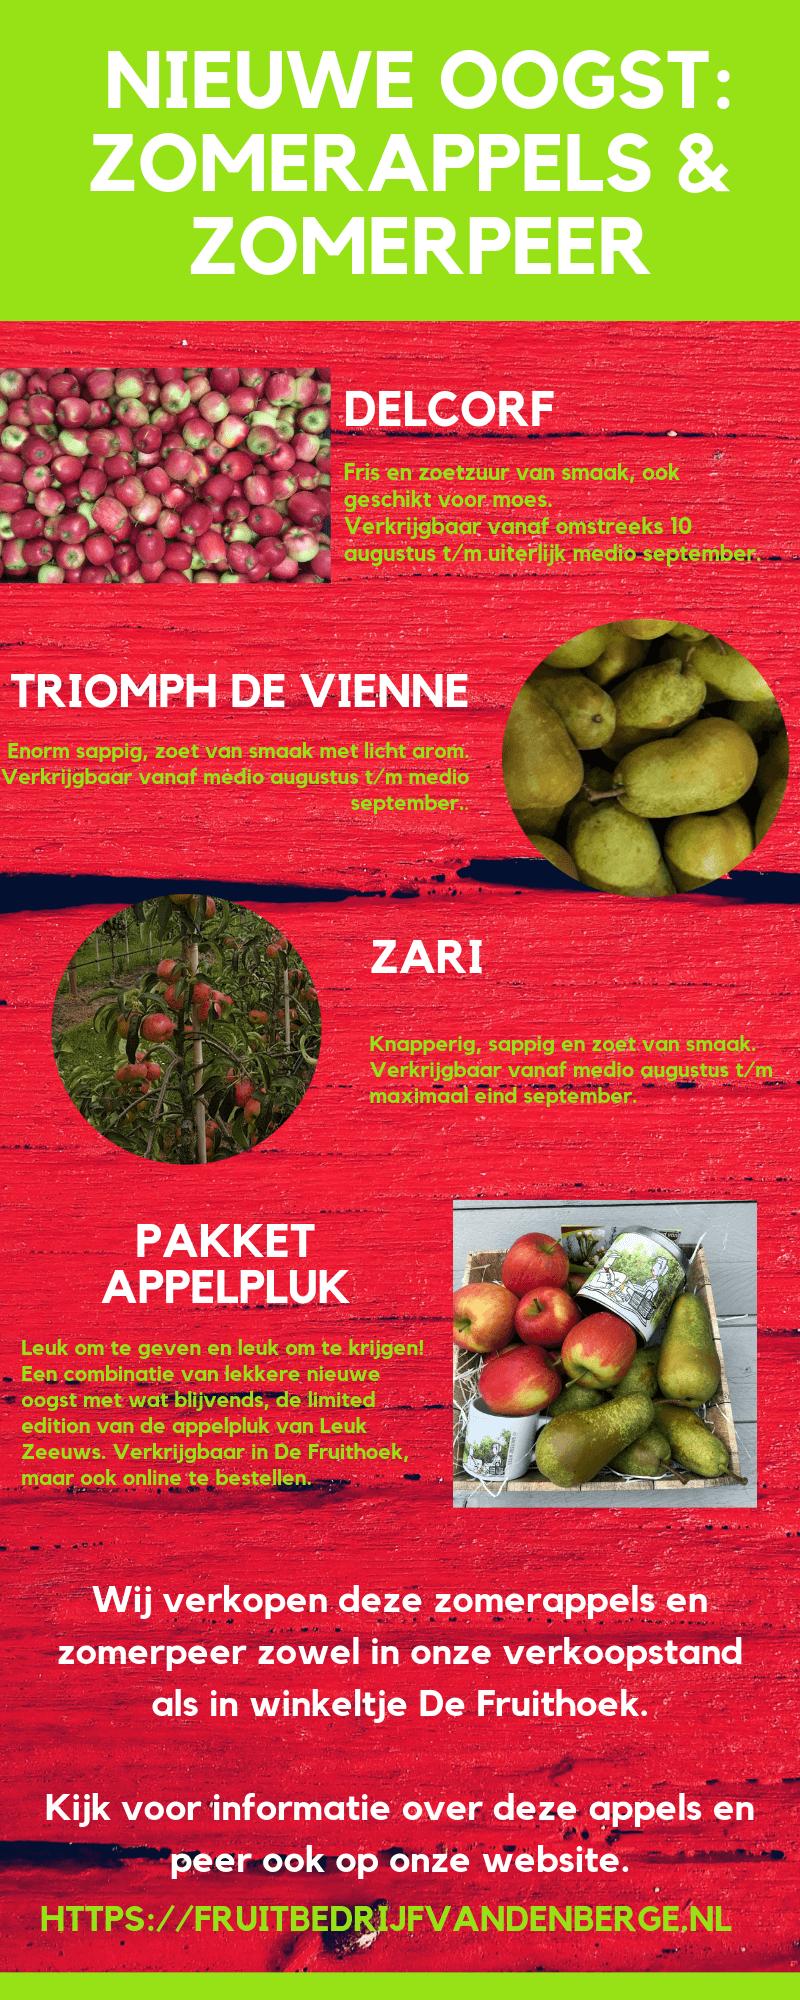 Fruitbedrijf Van den Berge: Zomerappels en zomerpeer